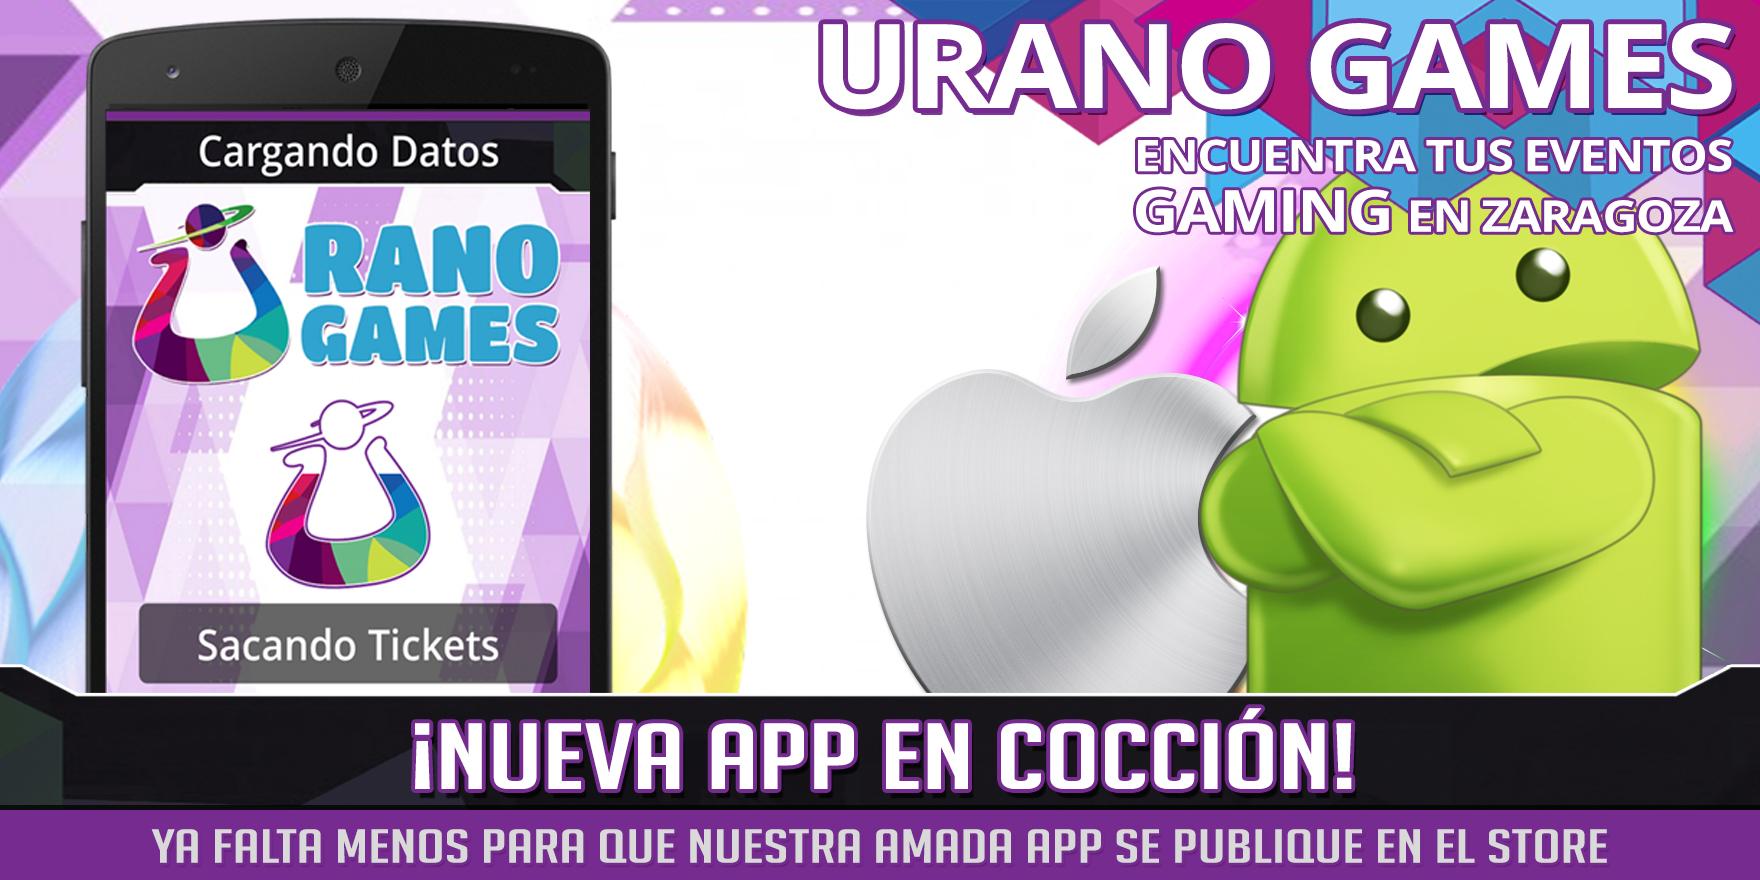 App Novedad Urano Games